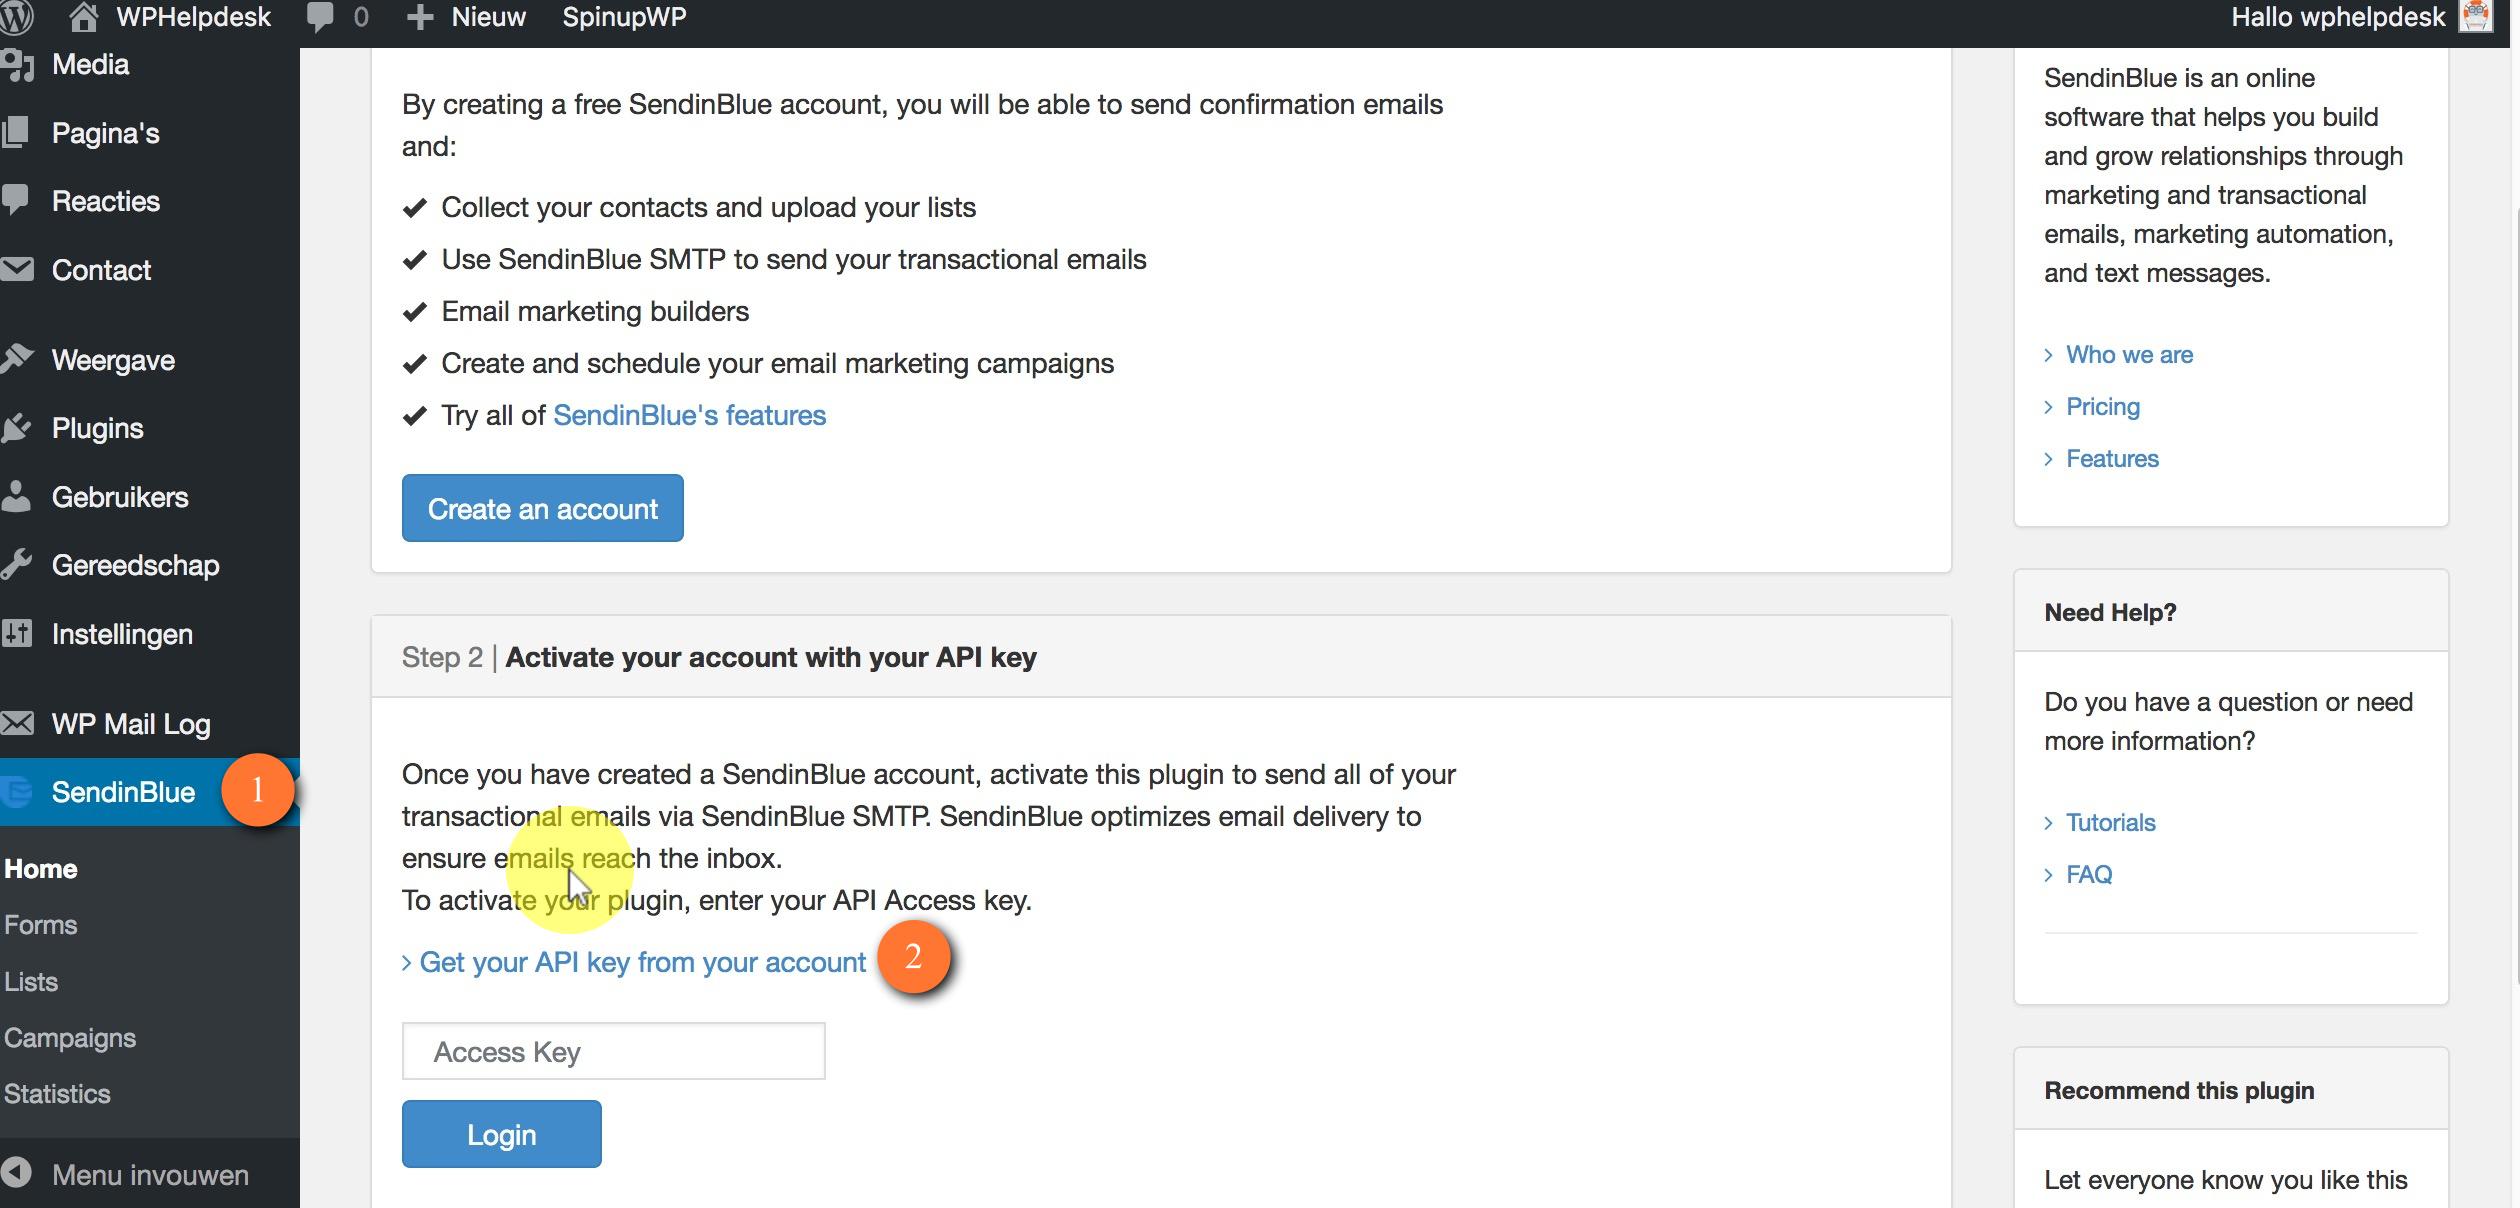 1. Er is nu een nieuw menu bijgekomen SendinBlue klik hierop.  Het create account deel hebben we al gedaan, je kan dus direct op de link klikken bij punt 2 om de API key te krijgen.